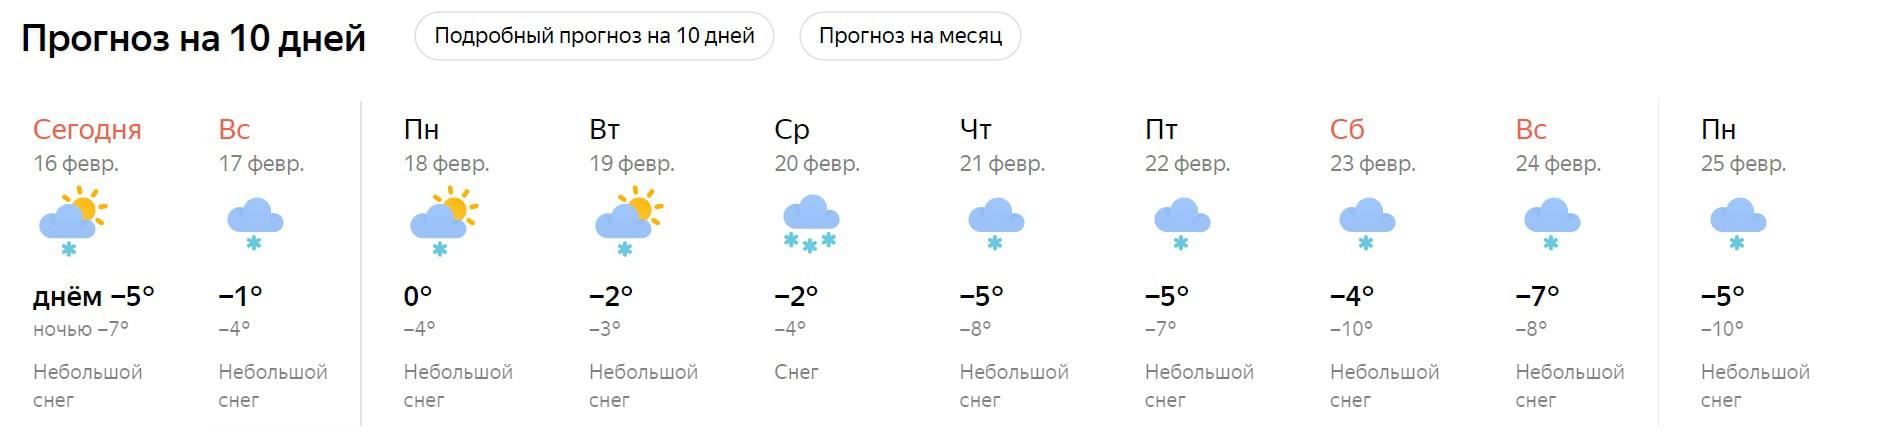 Аномальное потепление